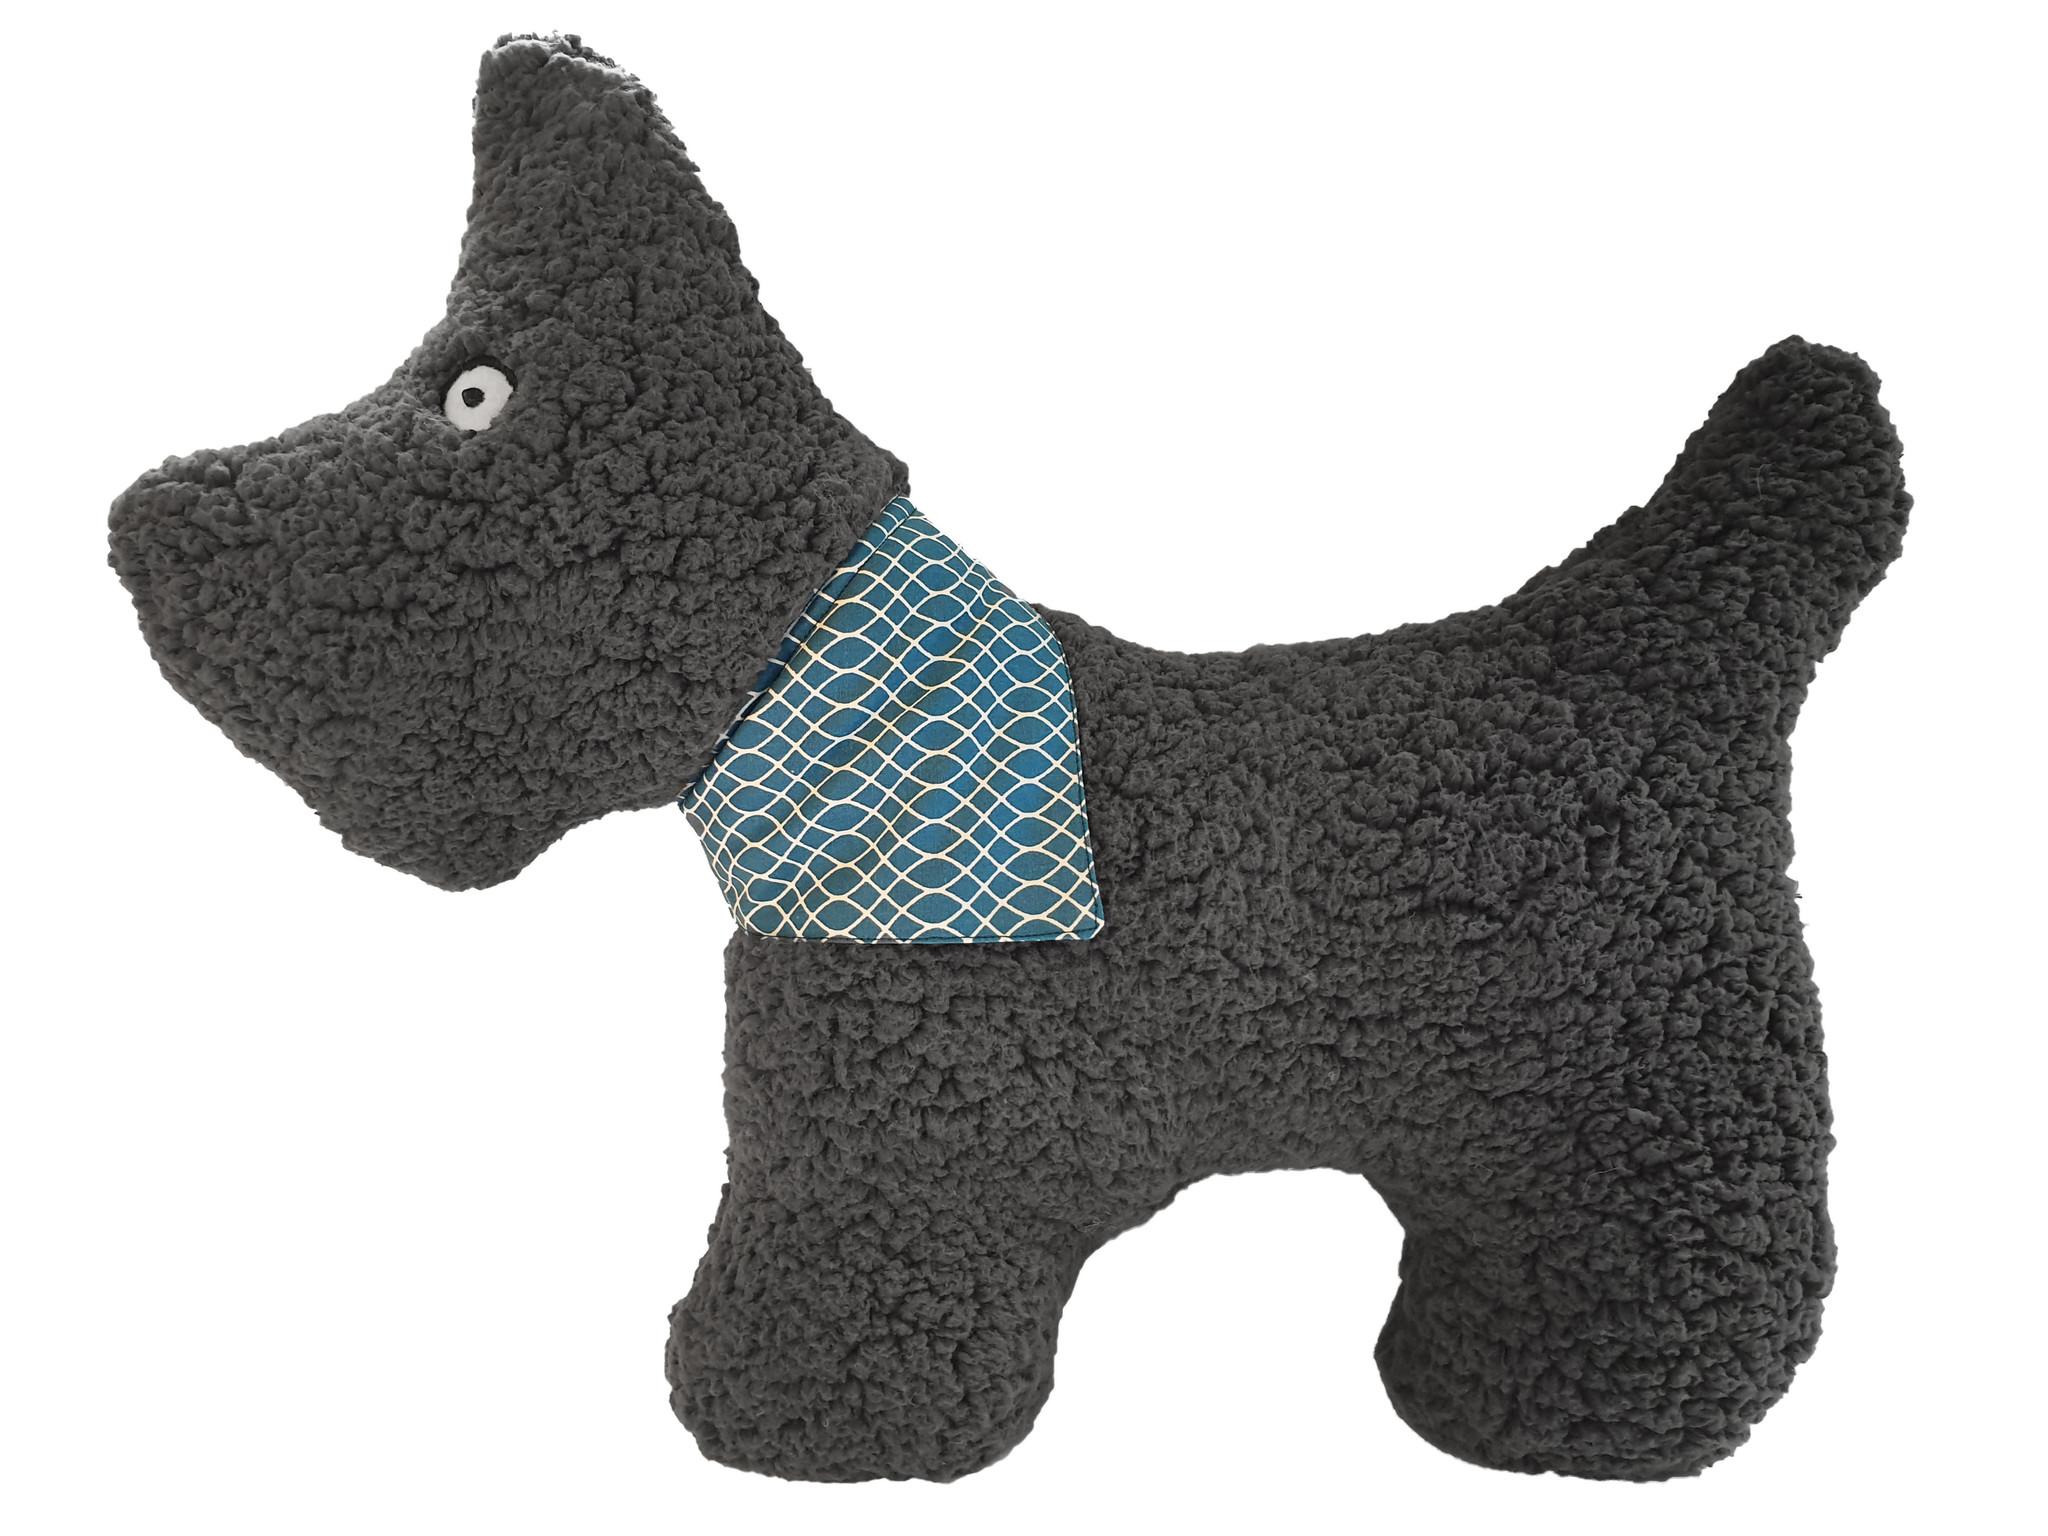 Kopfkissen-Plüschhund Idefix